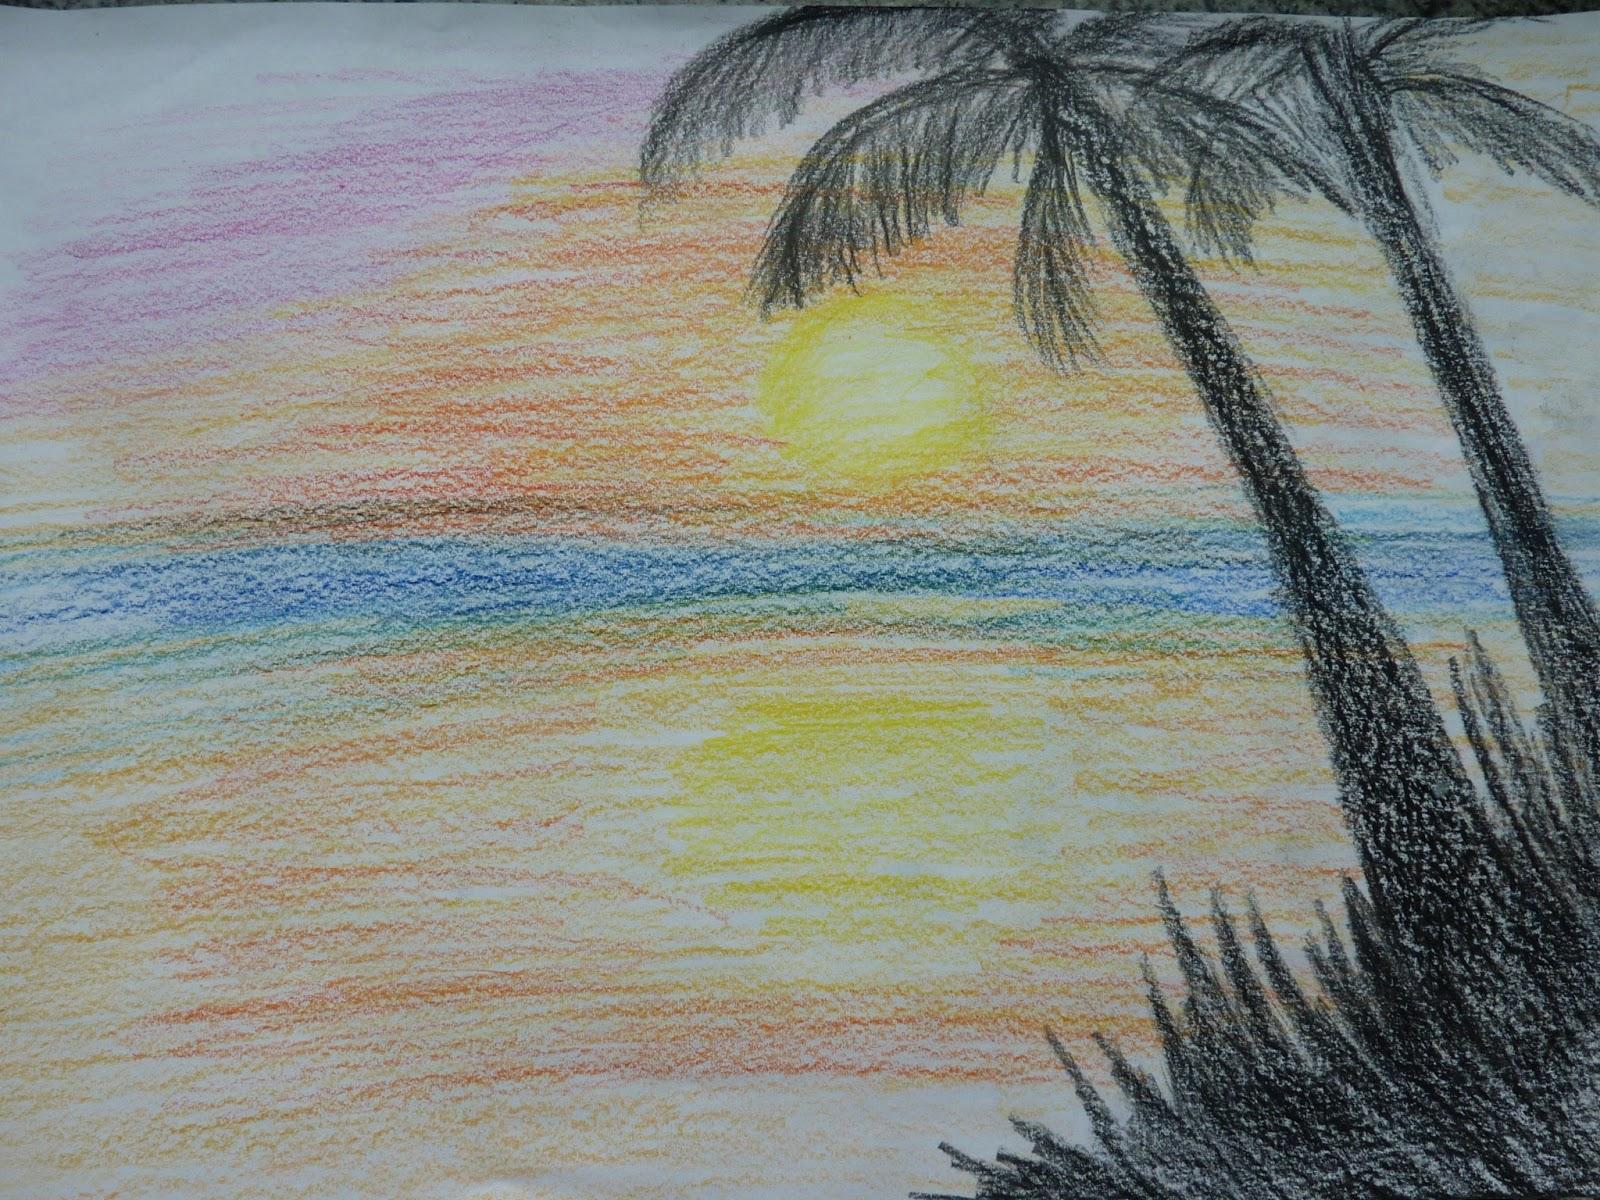 http://1.bp.blogspot.com/-yqYd0mqxQaM/UXj4EBwEdvI/AAAAAAAAAXk/jPc_iO_mOmc/s1600/P1200676.JPG